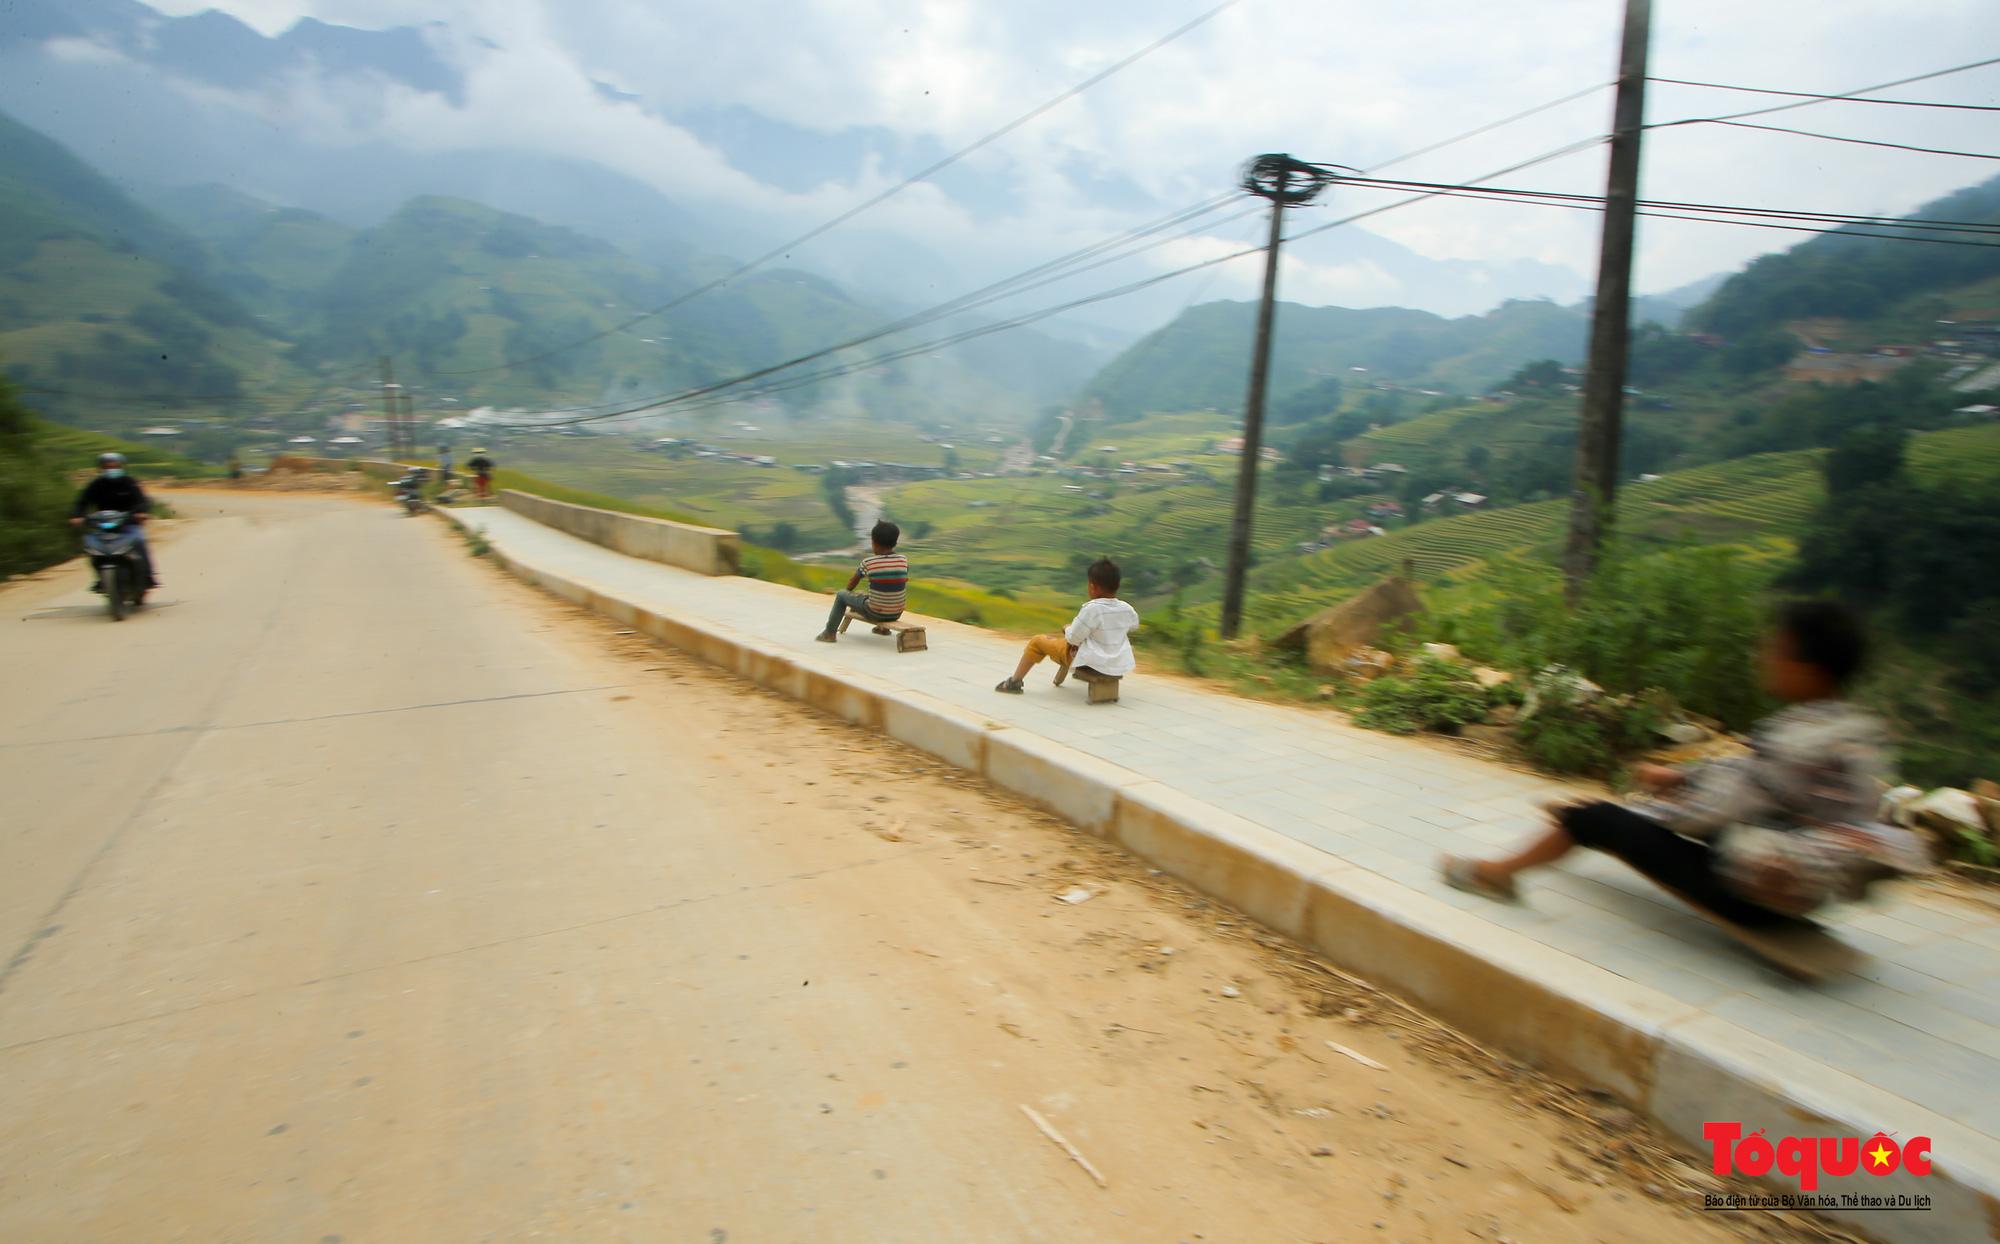 Độc đáo những 'xế' độ bằng gỗ của trẻ em ở vùng cao - Ảnh 1.